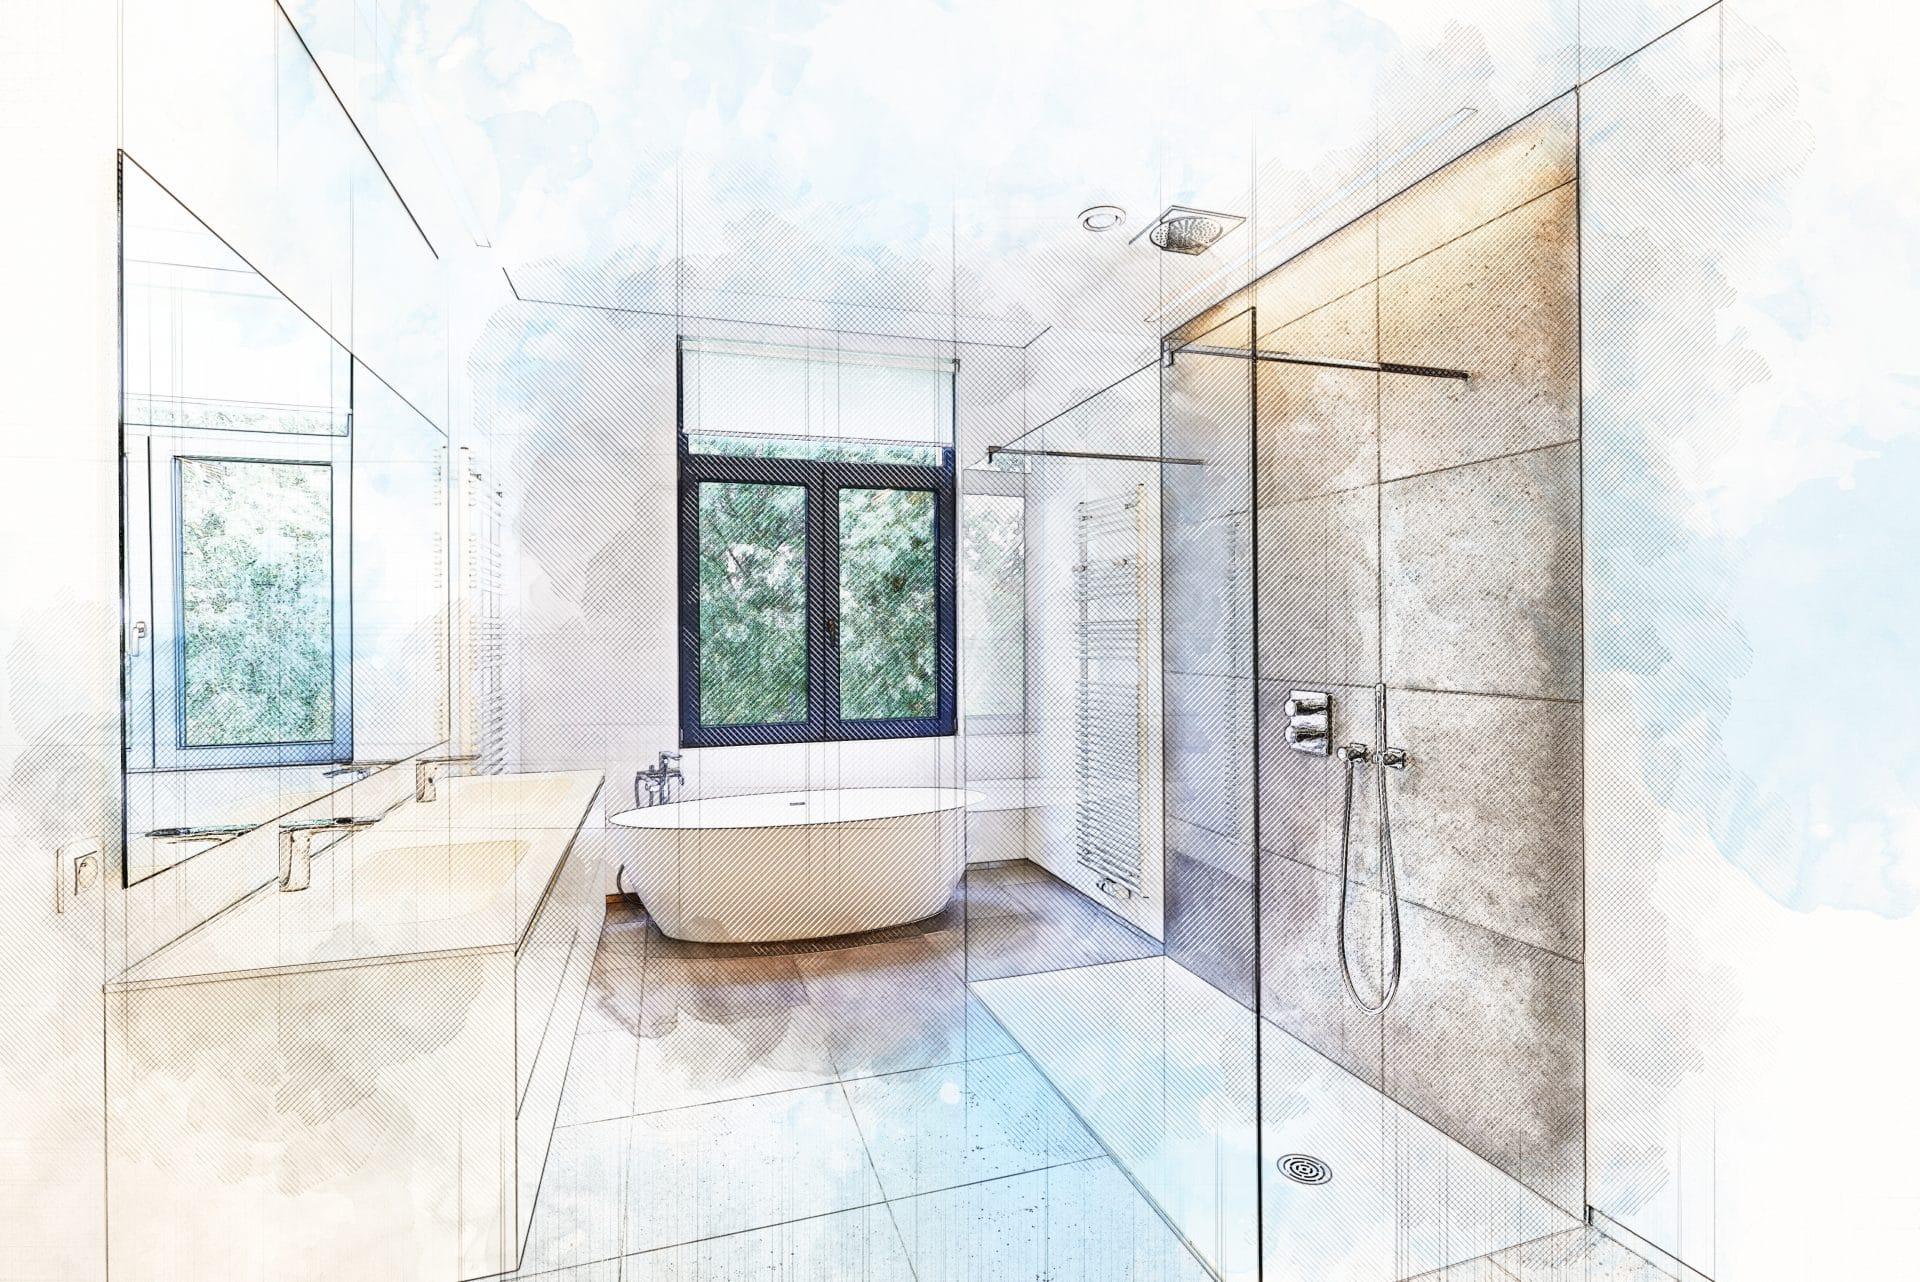 Quel prix pour une rénovation de salle de bainen 2021?